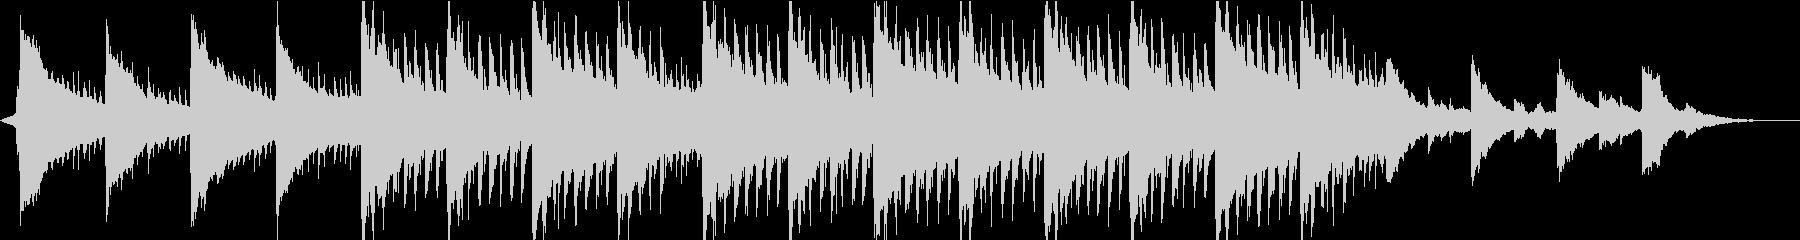 神秘的リラックス…雪のようなピアノ③の未再生の波形